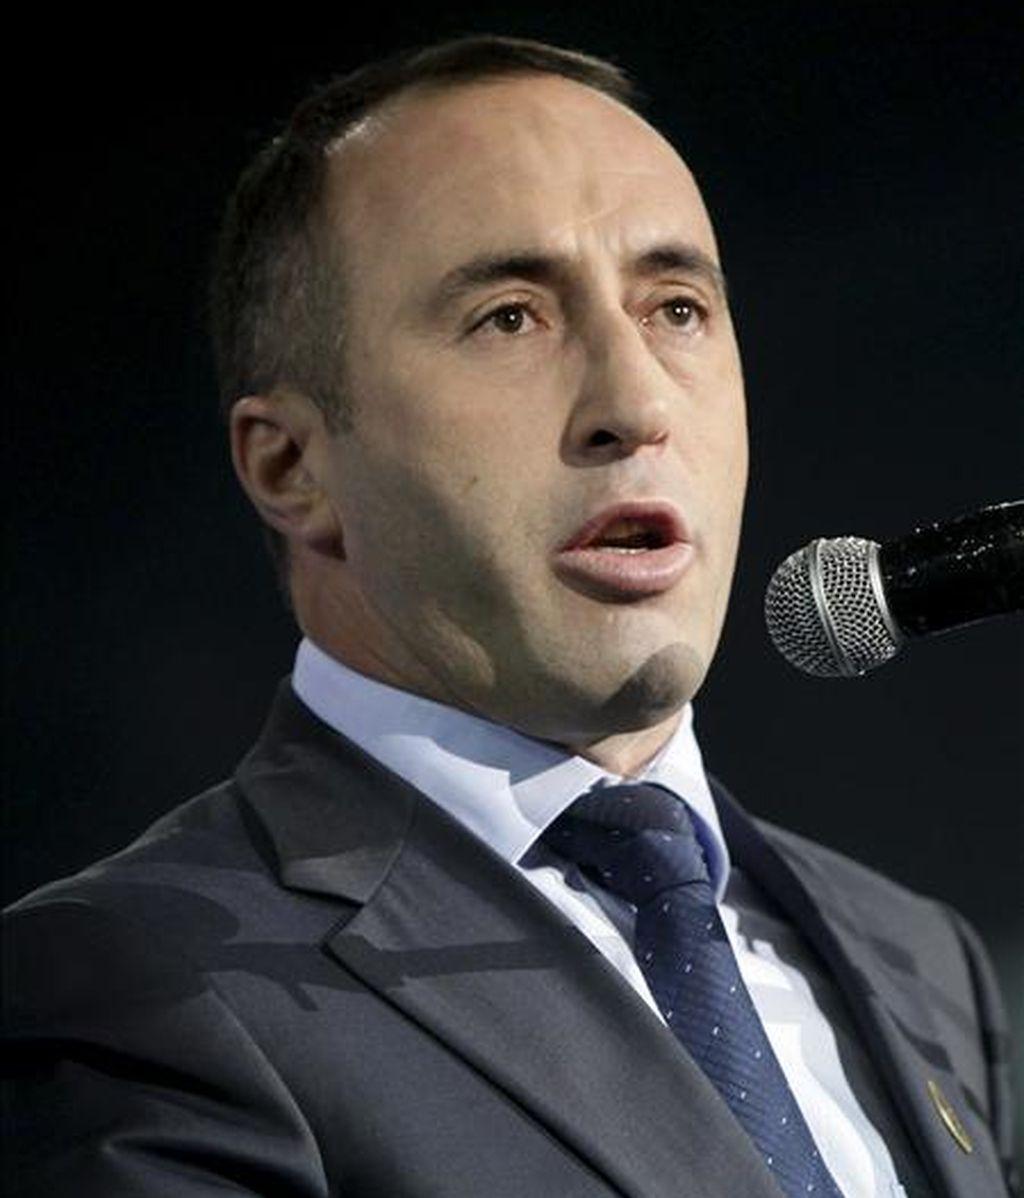 El líder del mayor partido opositor y ex primer ministro de Kosovo, Ramush Haradinaj. EFE/Archivo